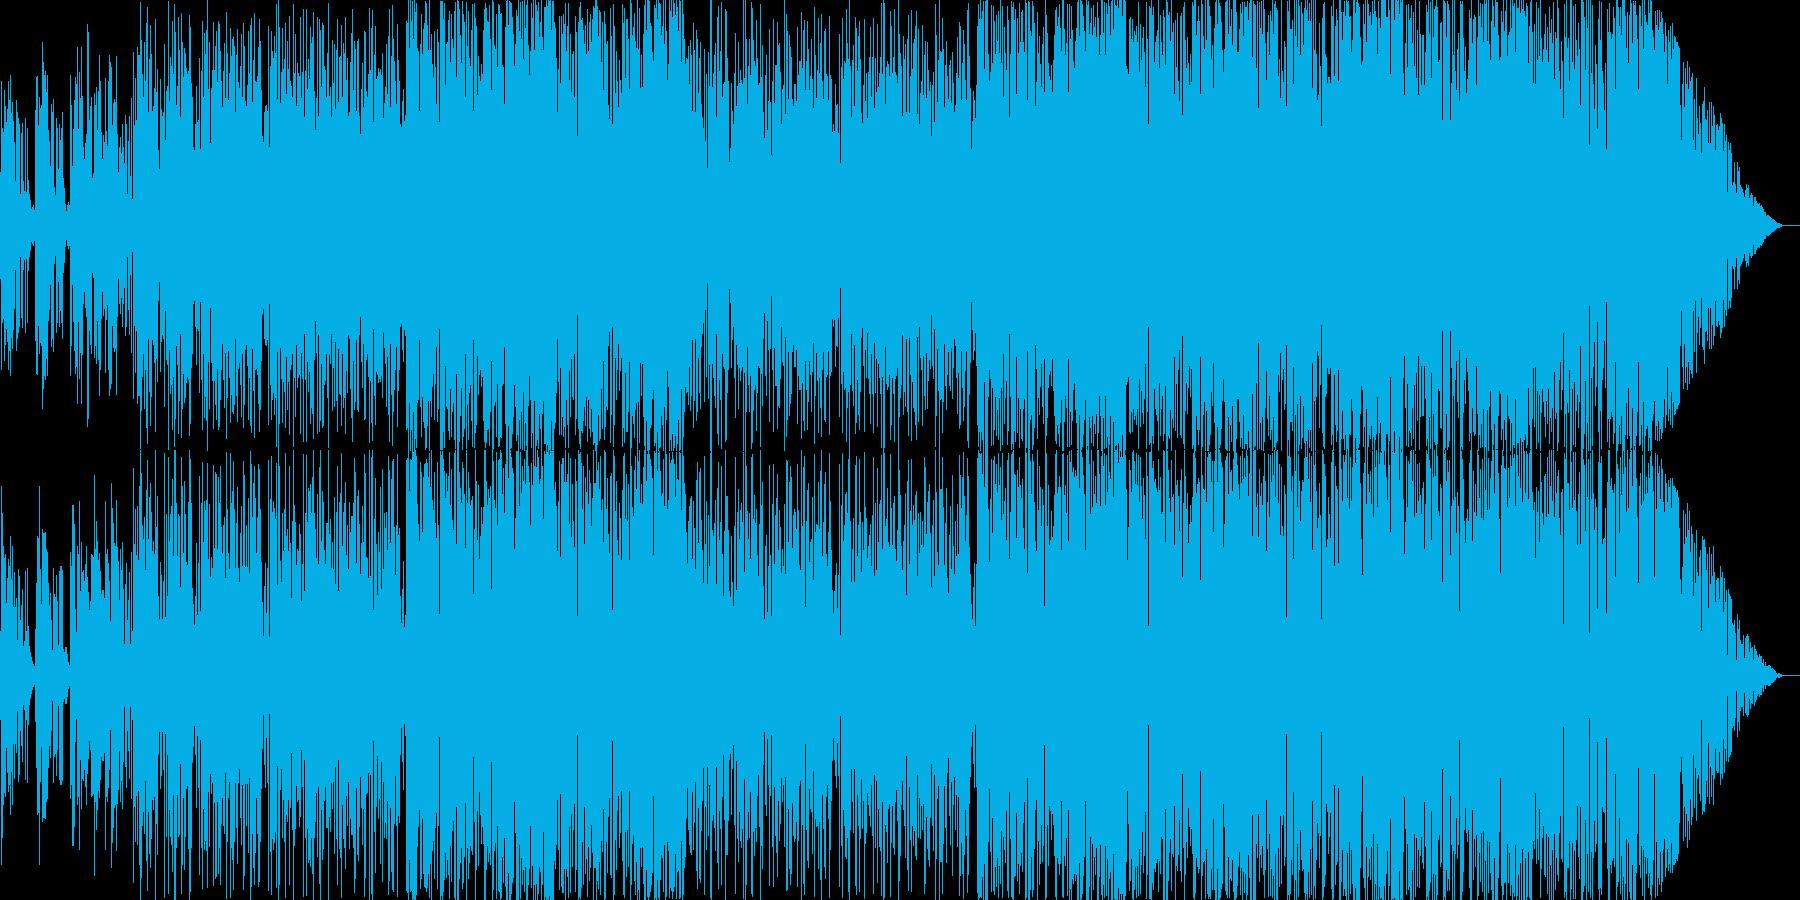 夏のさわやかなBGMの再生済みの波形